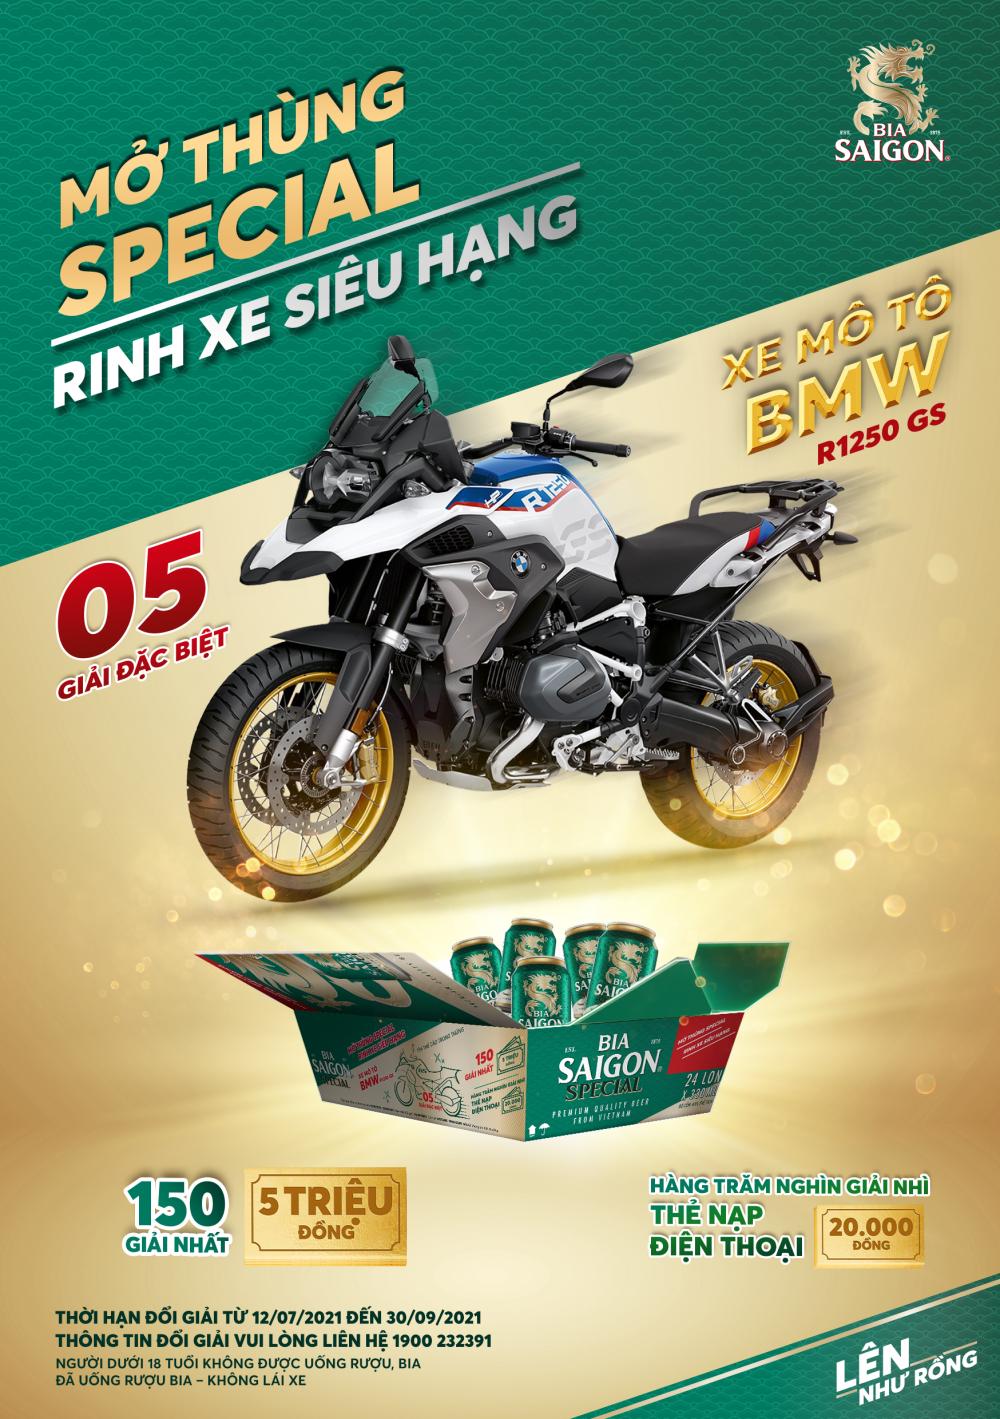 """""""Mở thùng Special, Rinh xe siêu hạng"""" với hơn 5 tỷ đồng quà tặng từ Bia Saigon"""